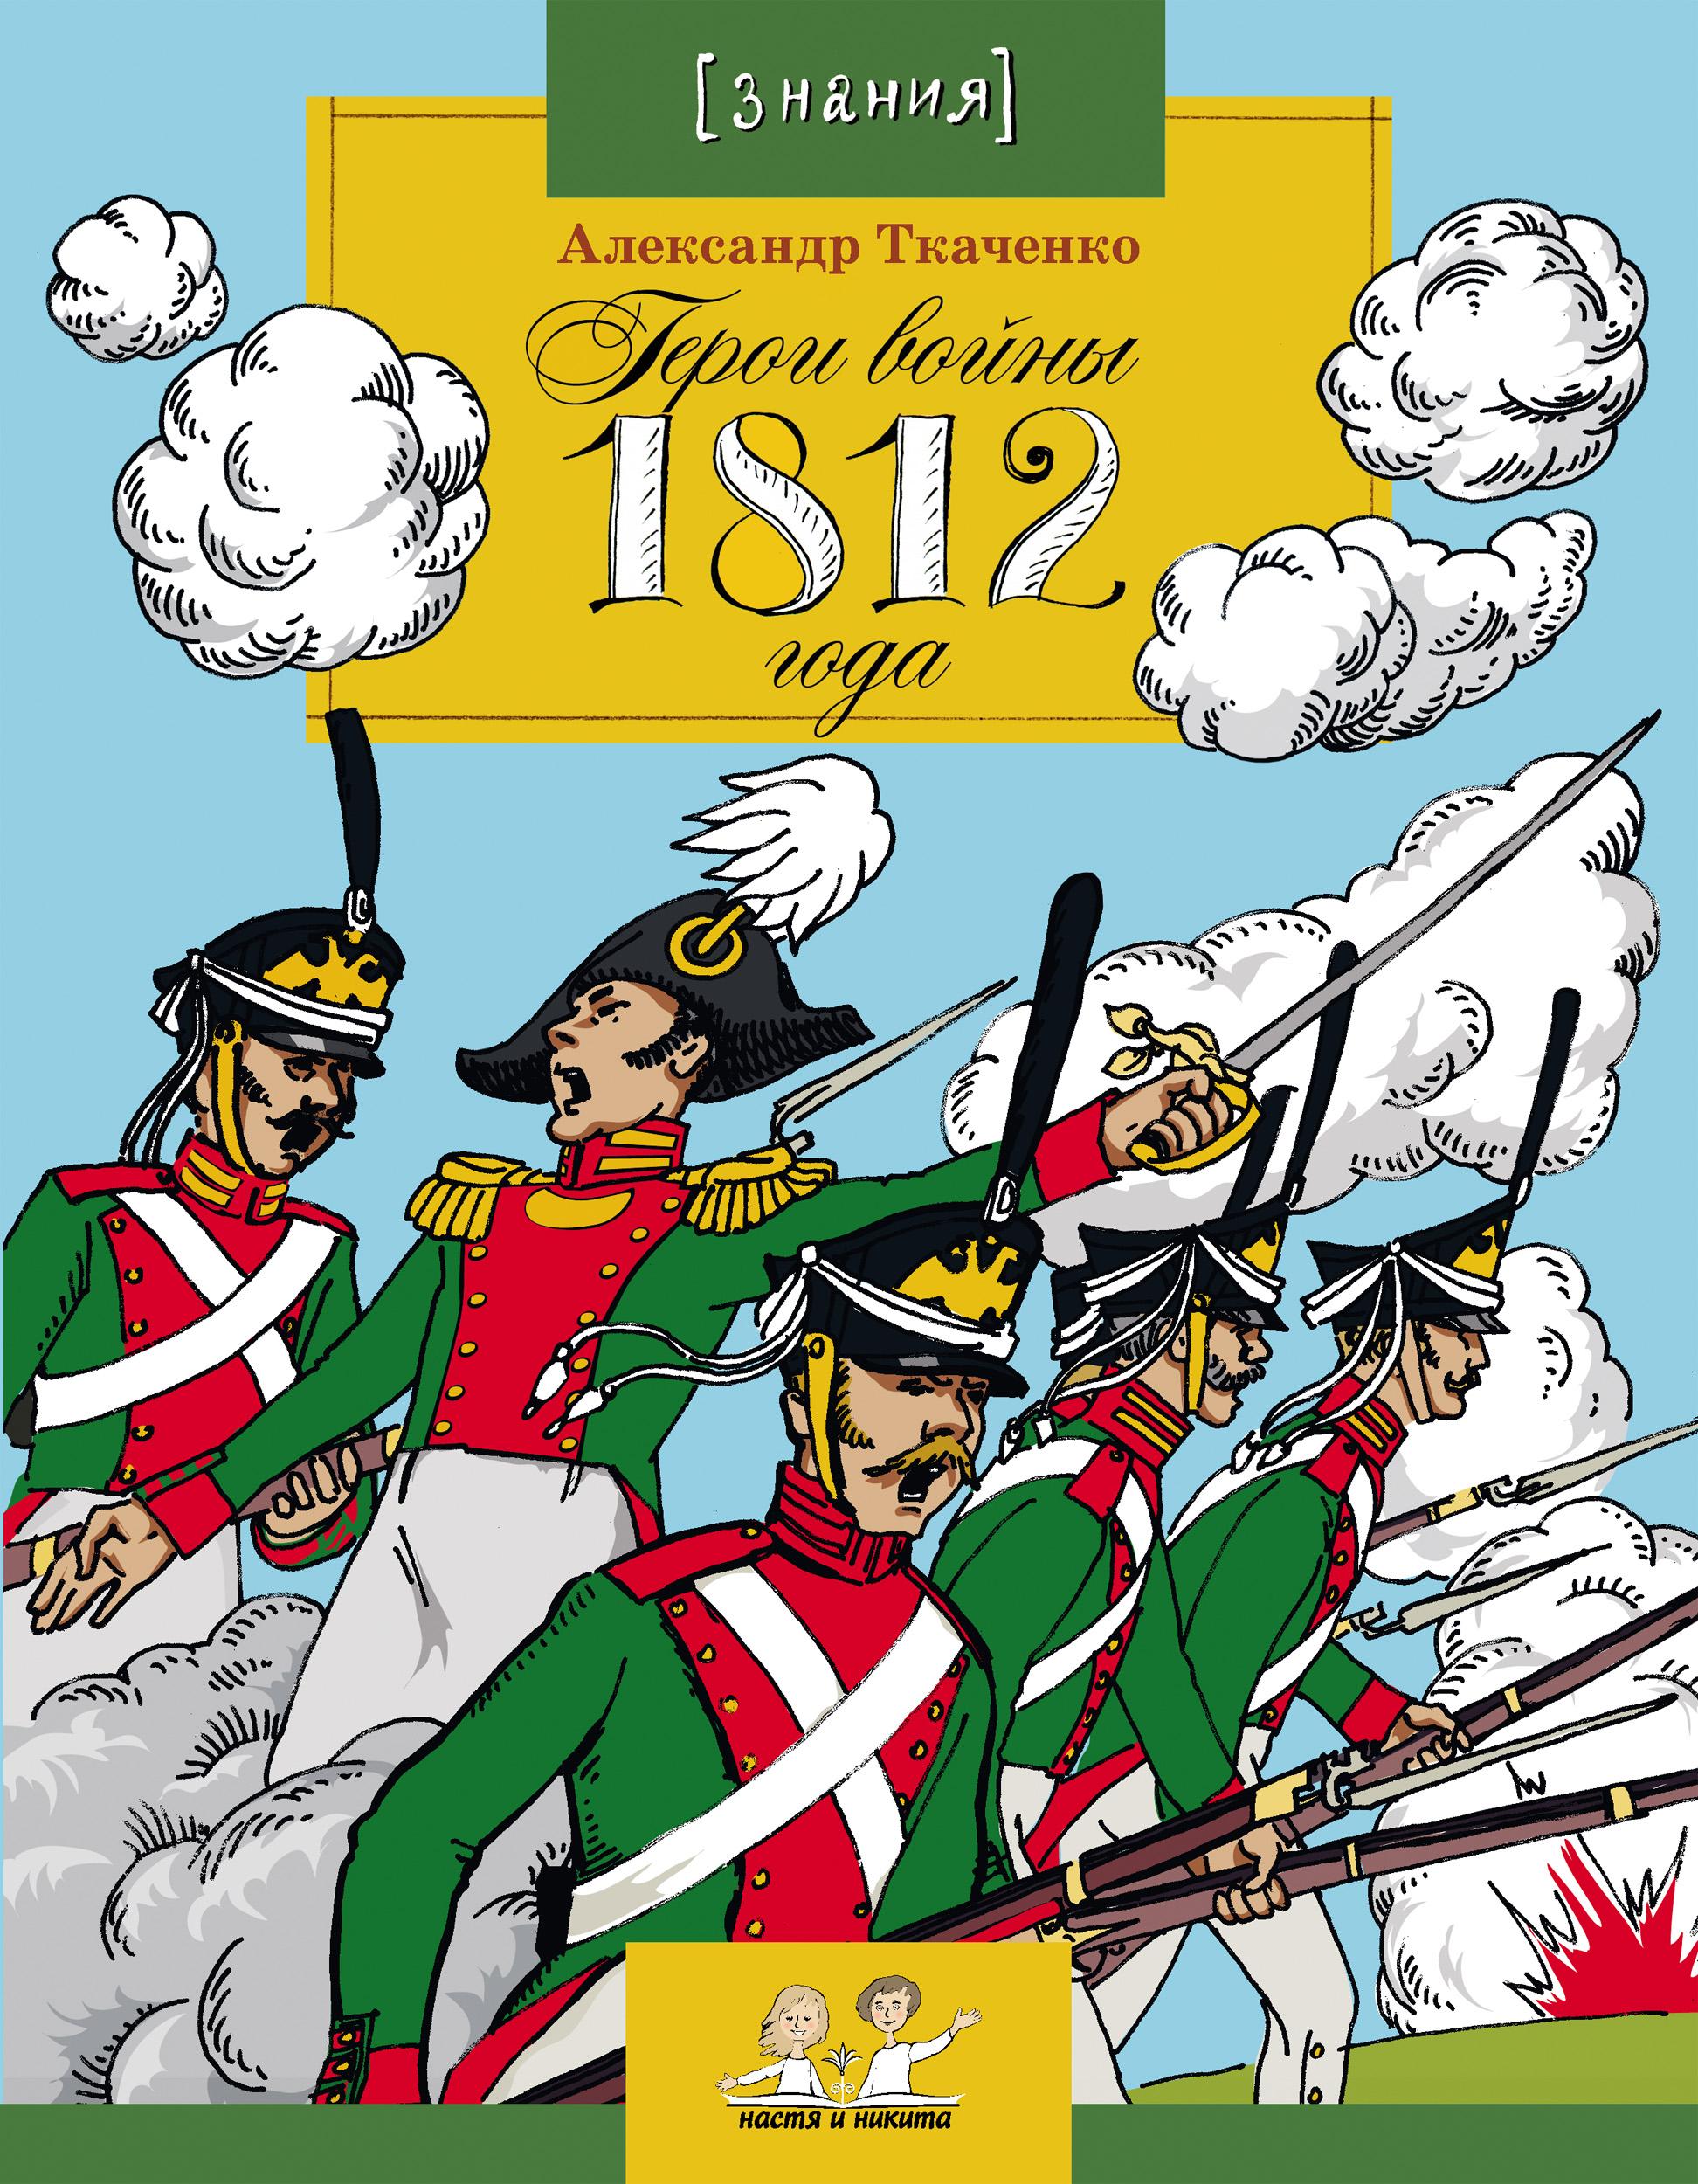 конная артиллерия и драгуны игрушка раскраска герои 1812 года выпуск 7 6 плакатов Александр Ткаченко Герои войны 1812 года